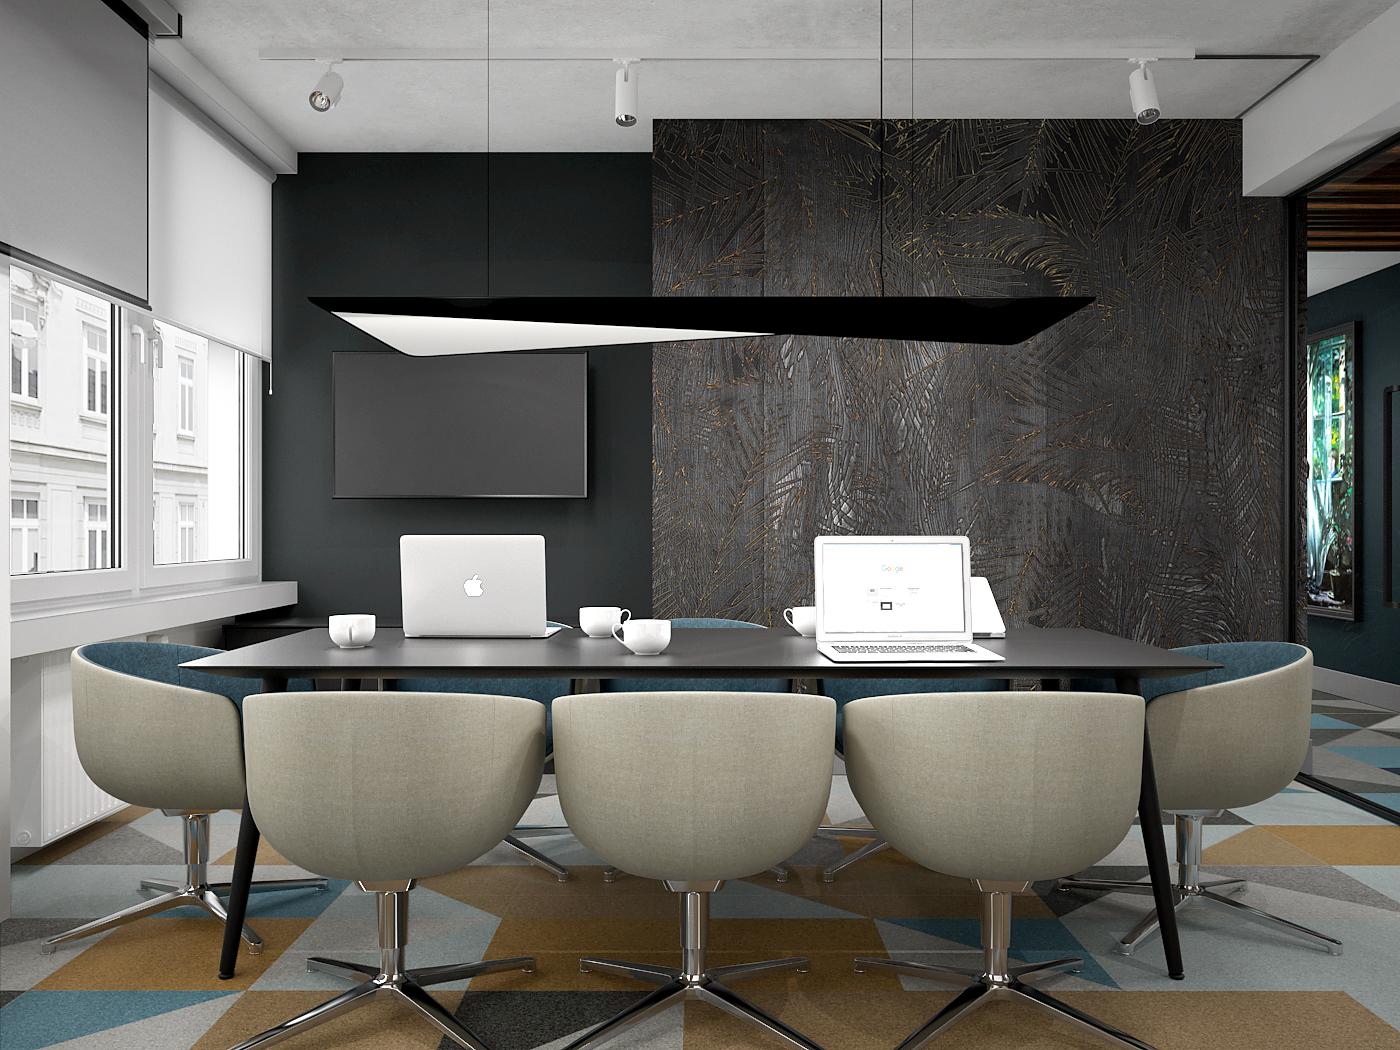 4 projekt biura 547 Kancelaria warszawa sala konferencyjna nowoczesny stol konferencyjny tapicerowane fotele czarna tapeta z motywem lisci wykladzina obiektowa